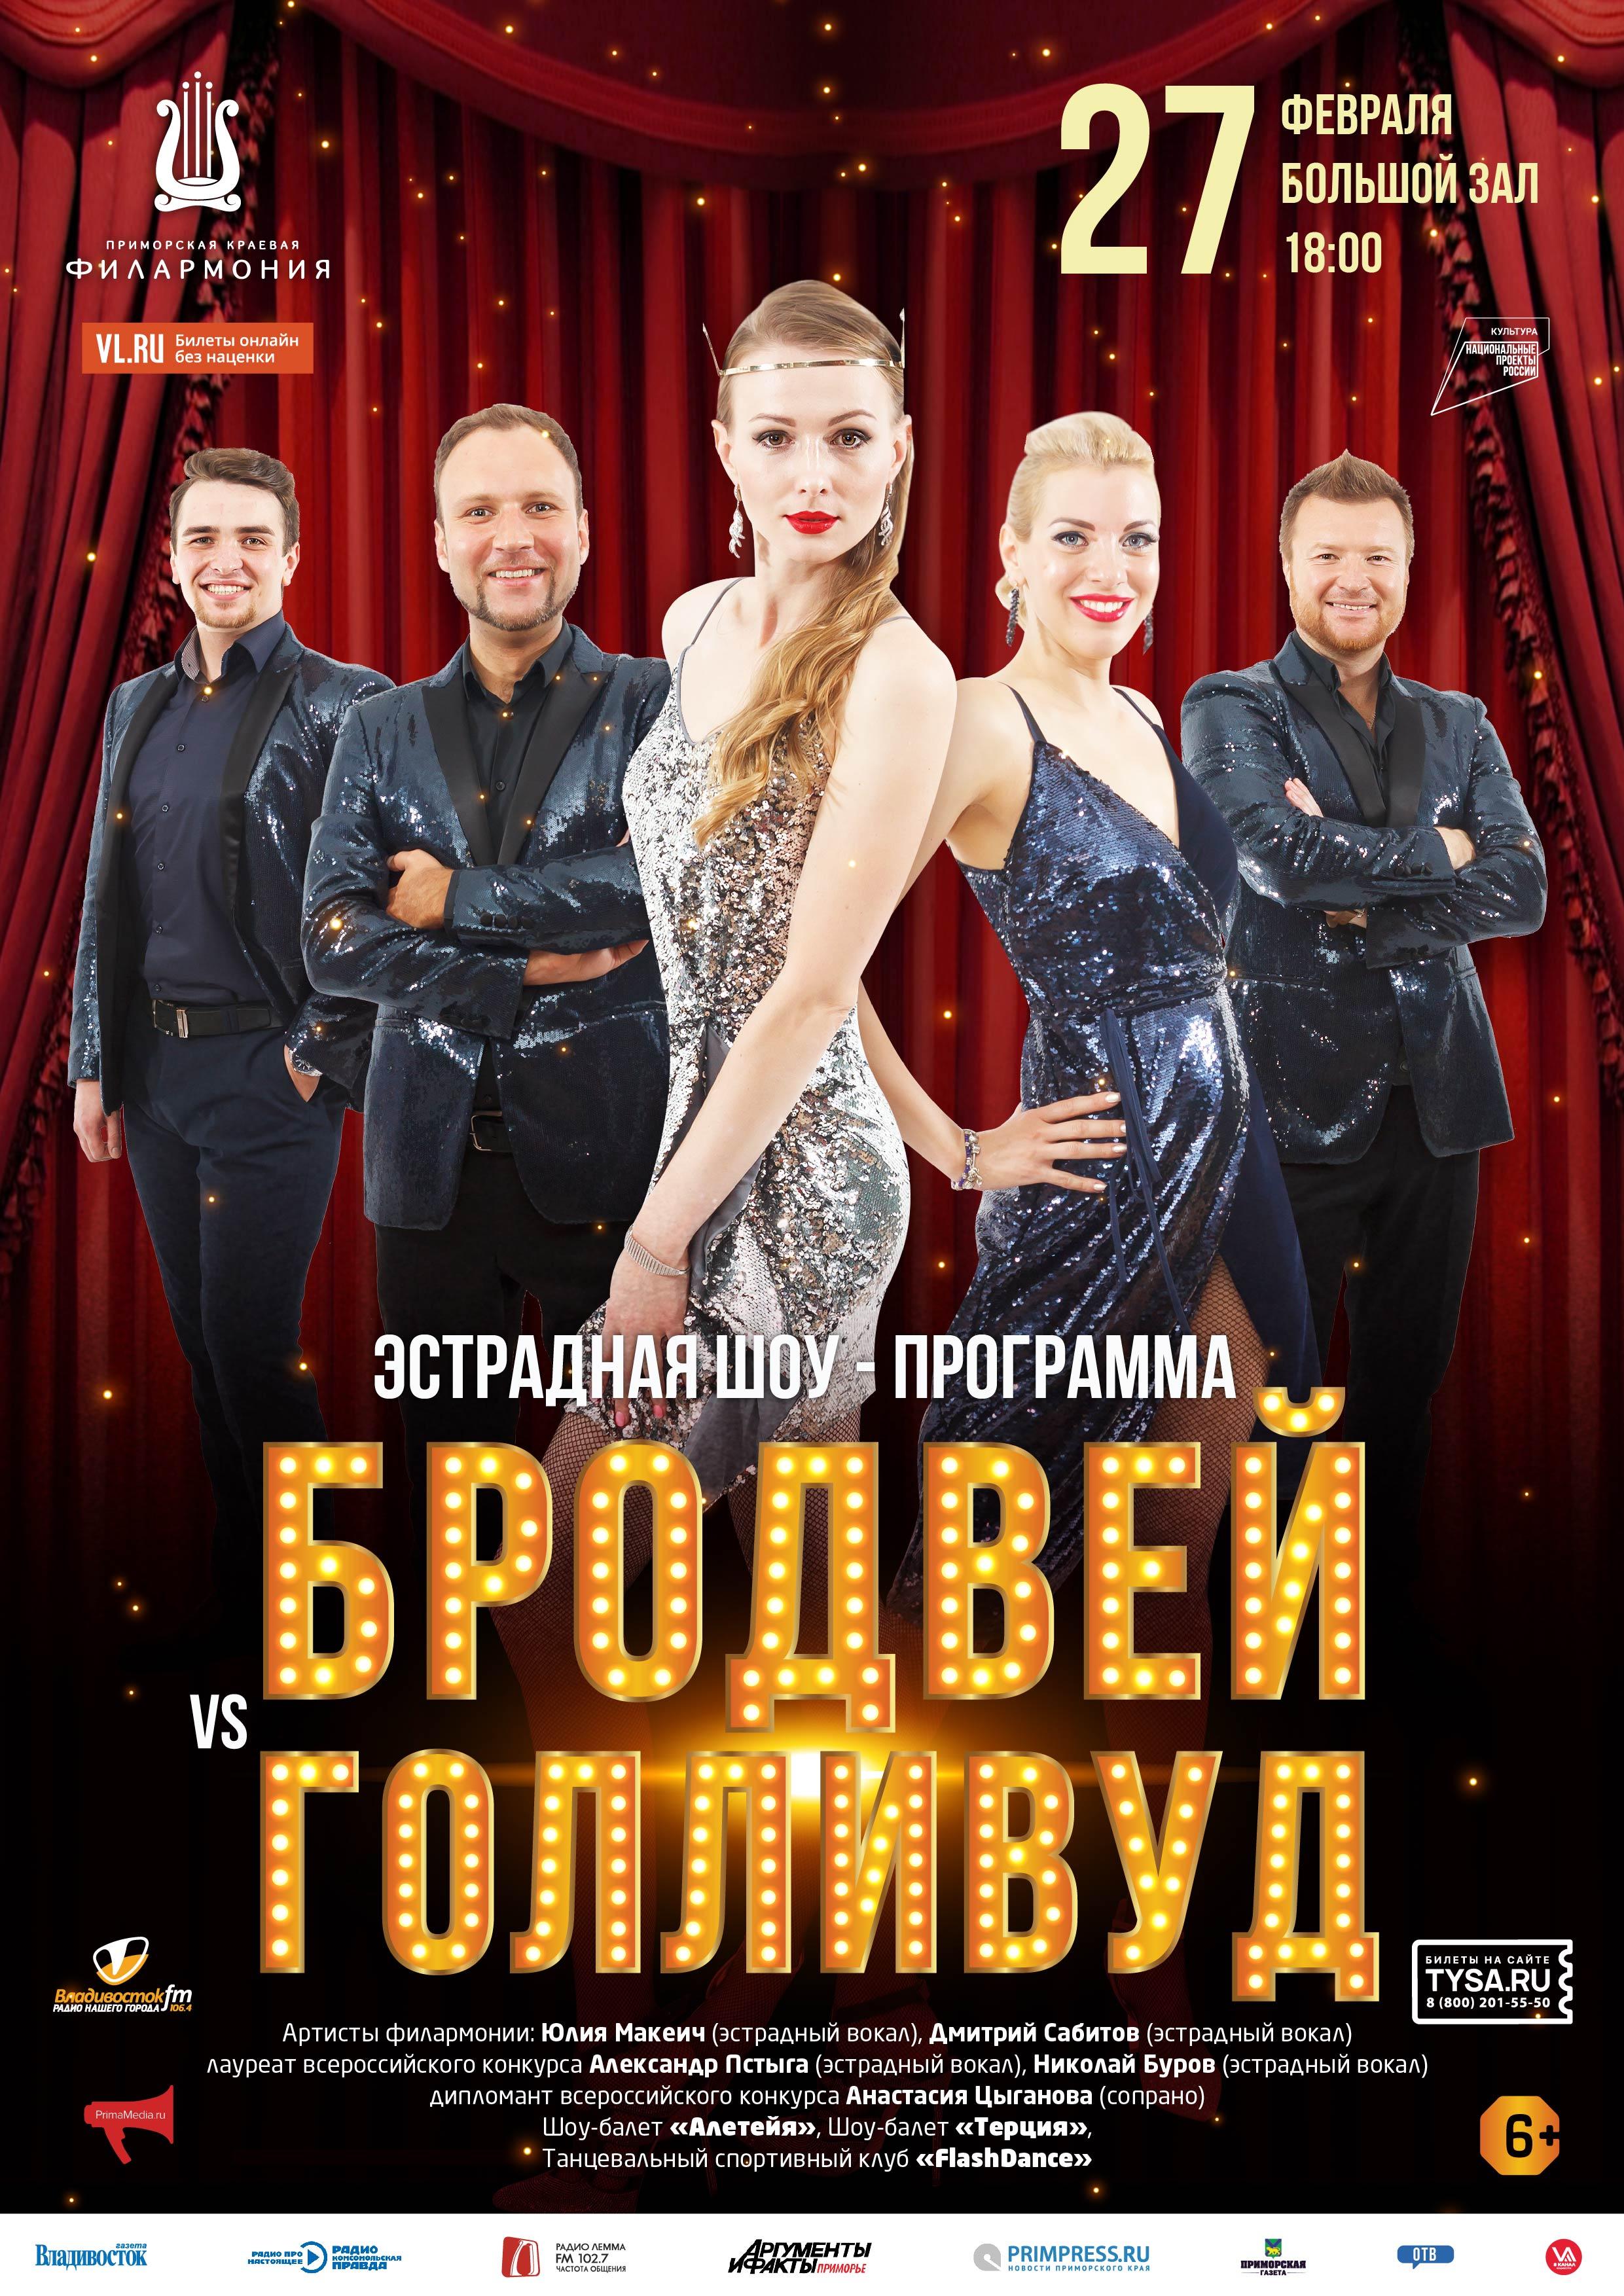 27 февраля Эстрадная шоу - программа «Бродвей VS Голливуд»